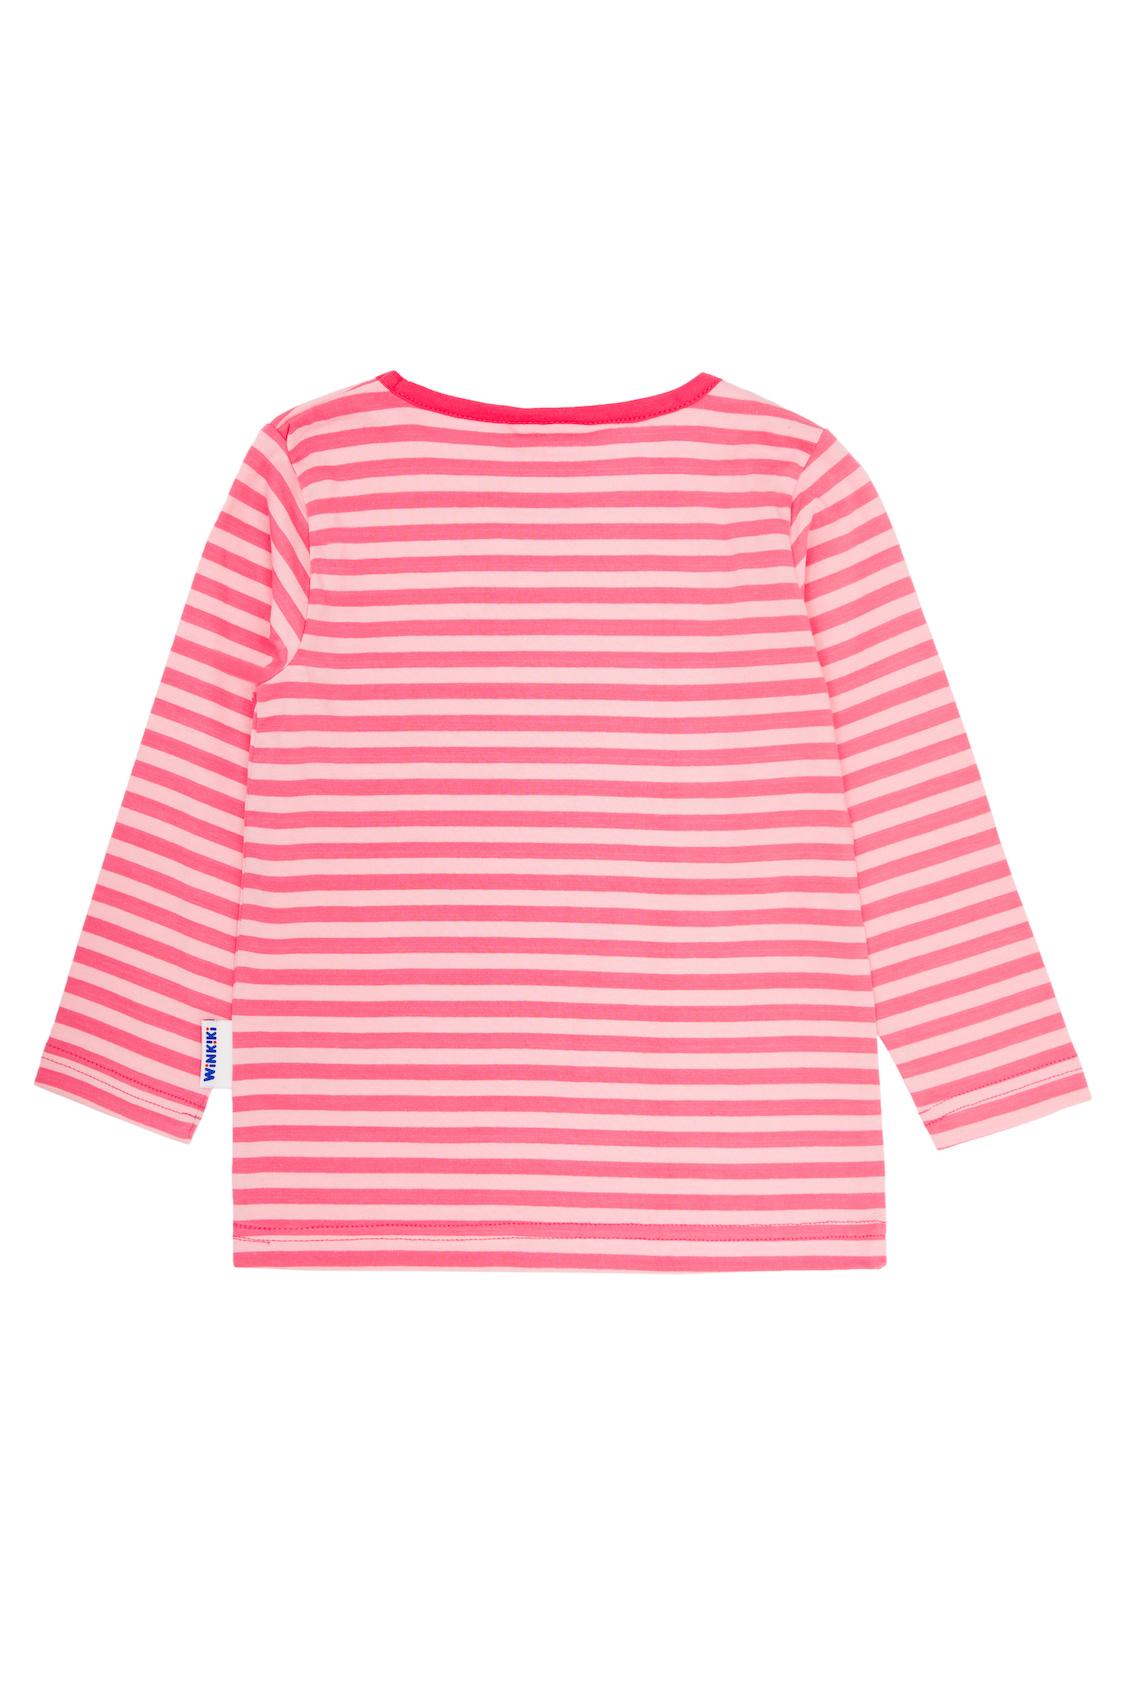 Dívčí tričko Tropical Růžová - pruhy